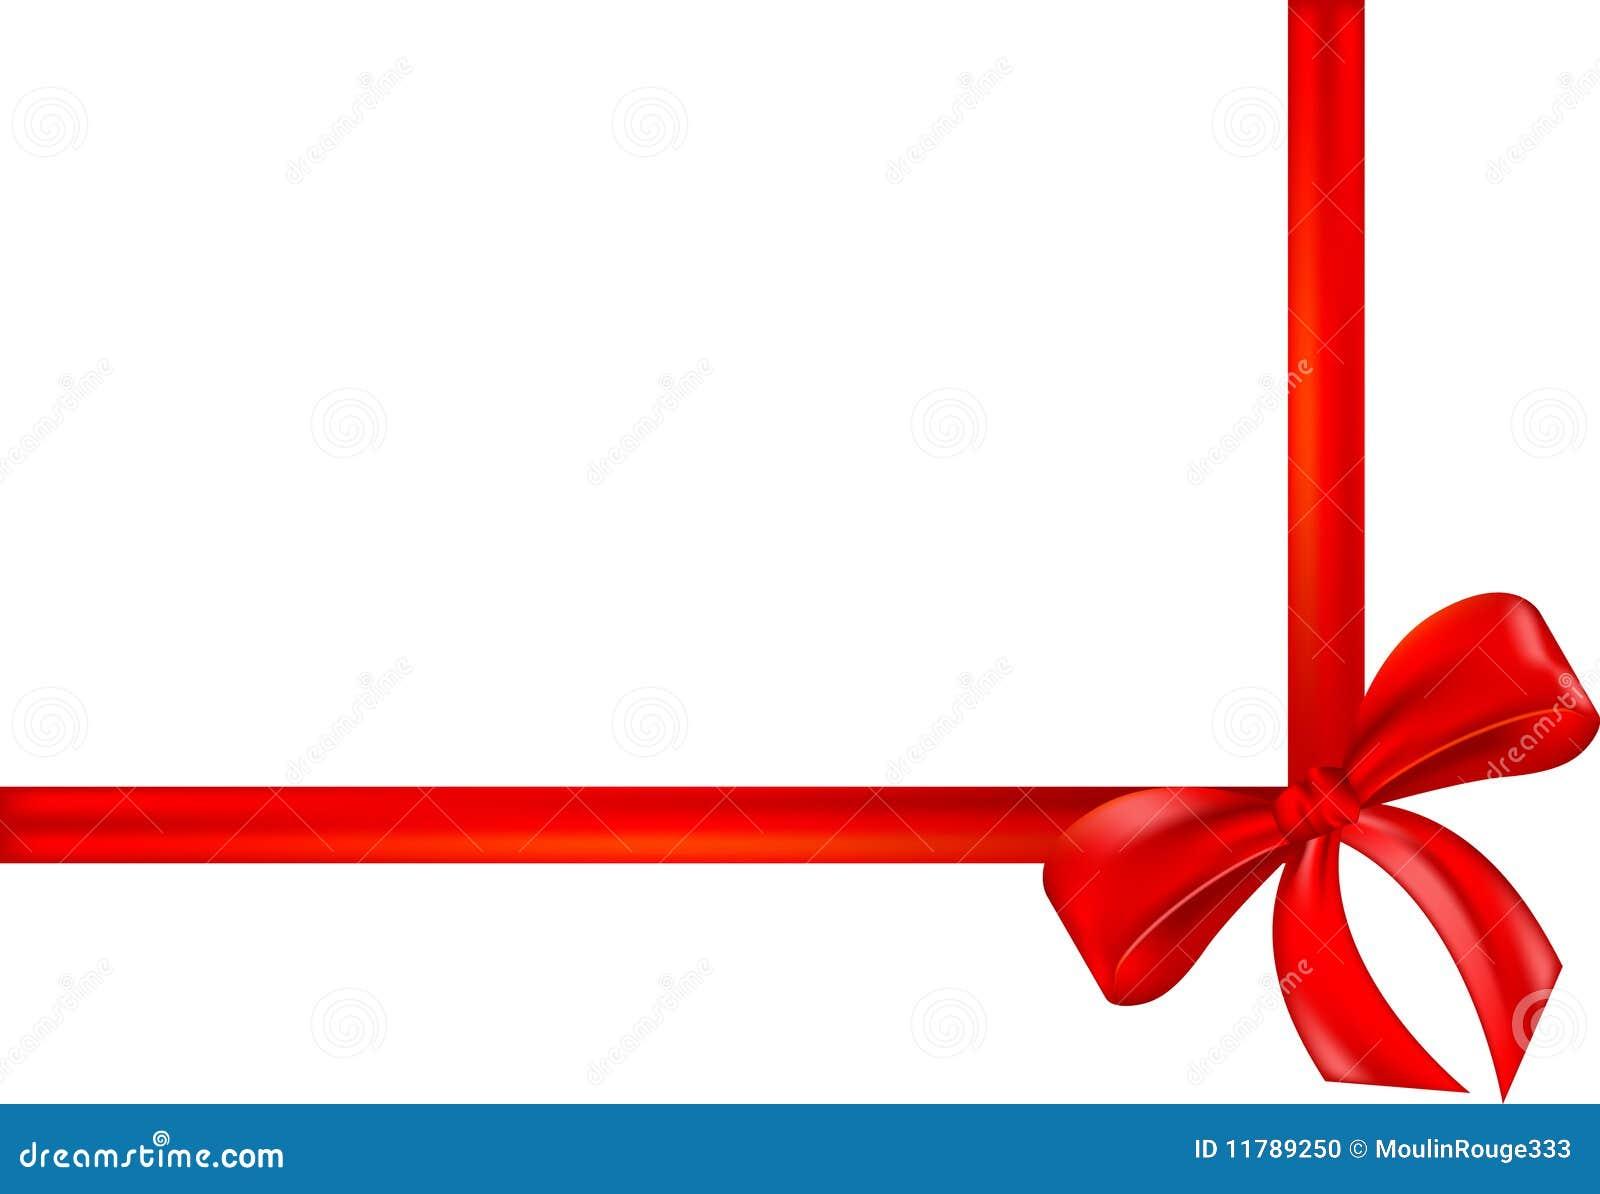 Cinta roja del regalo arqueamiento abrigo foto de - Cinta para regalo ...